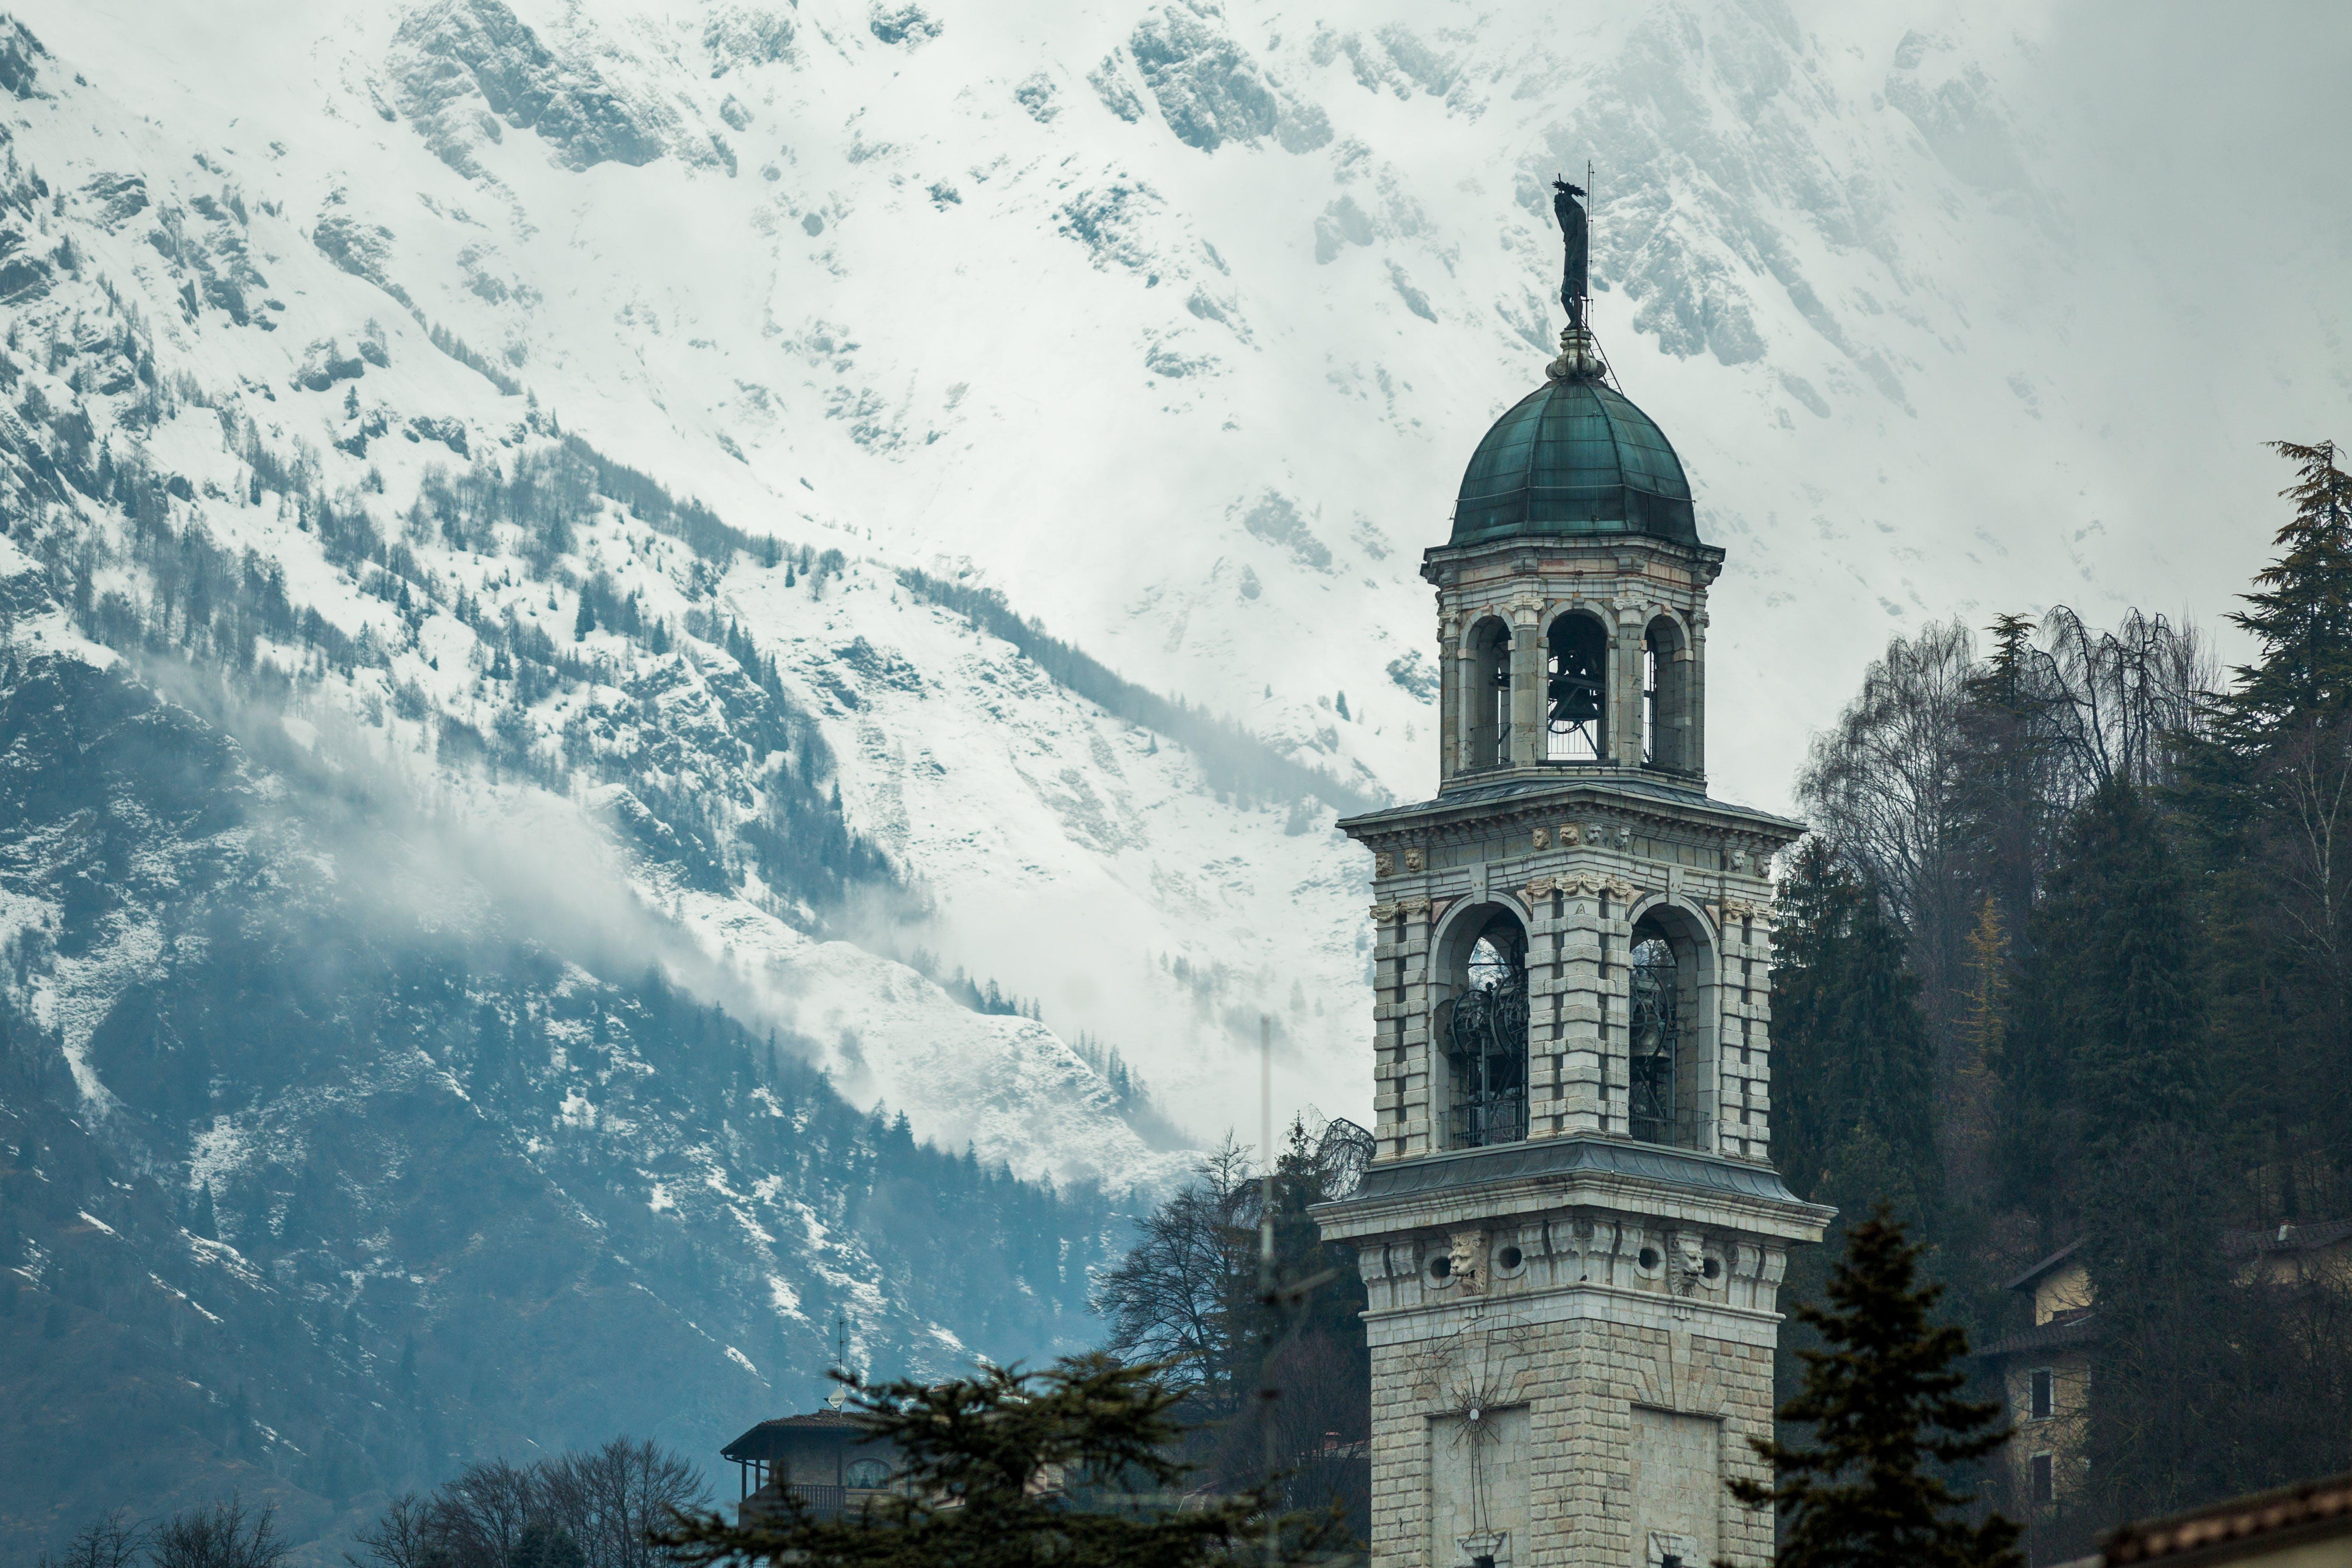 White Concrete Tower Near Mountain